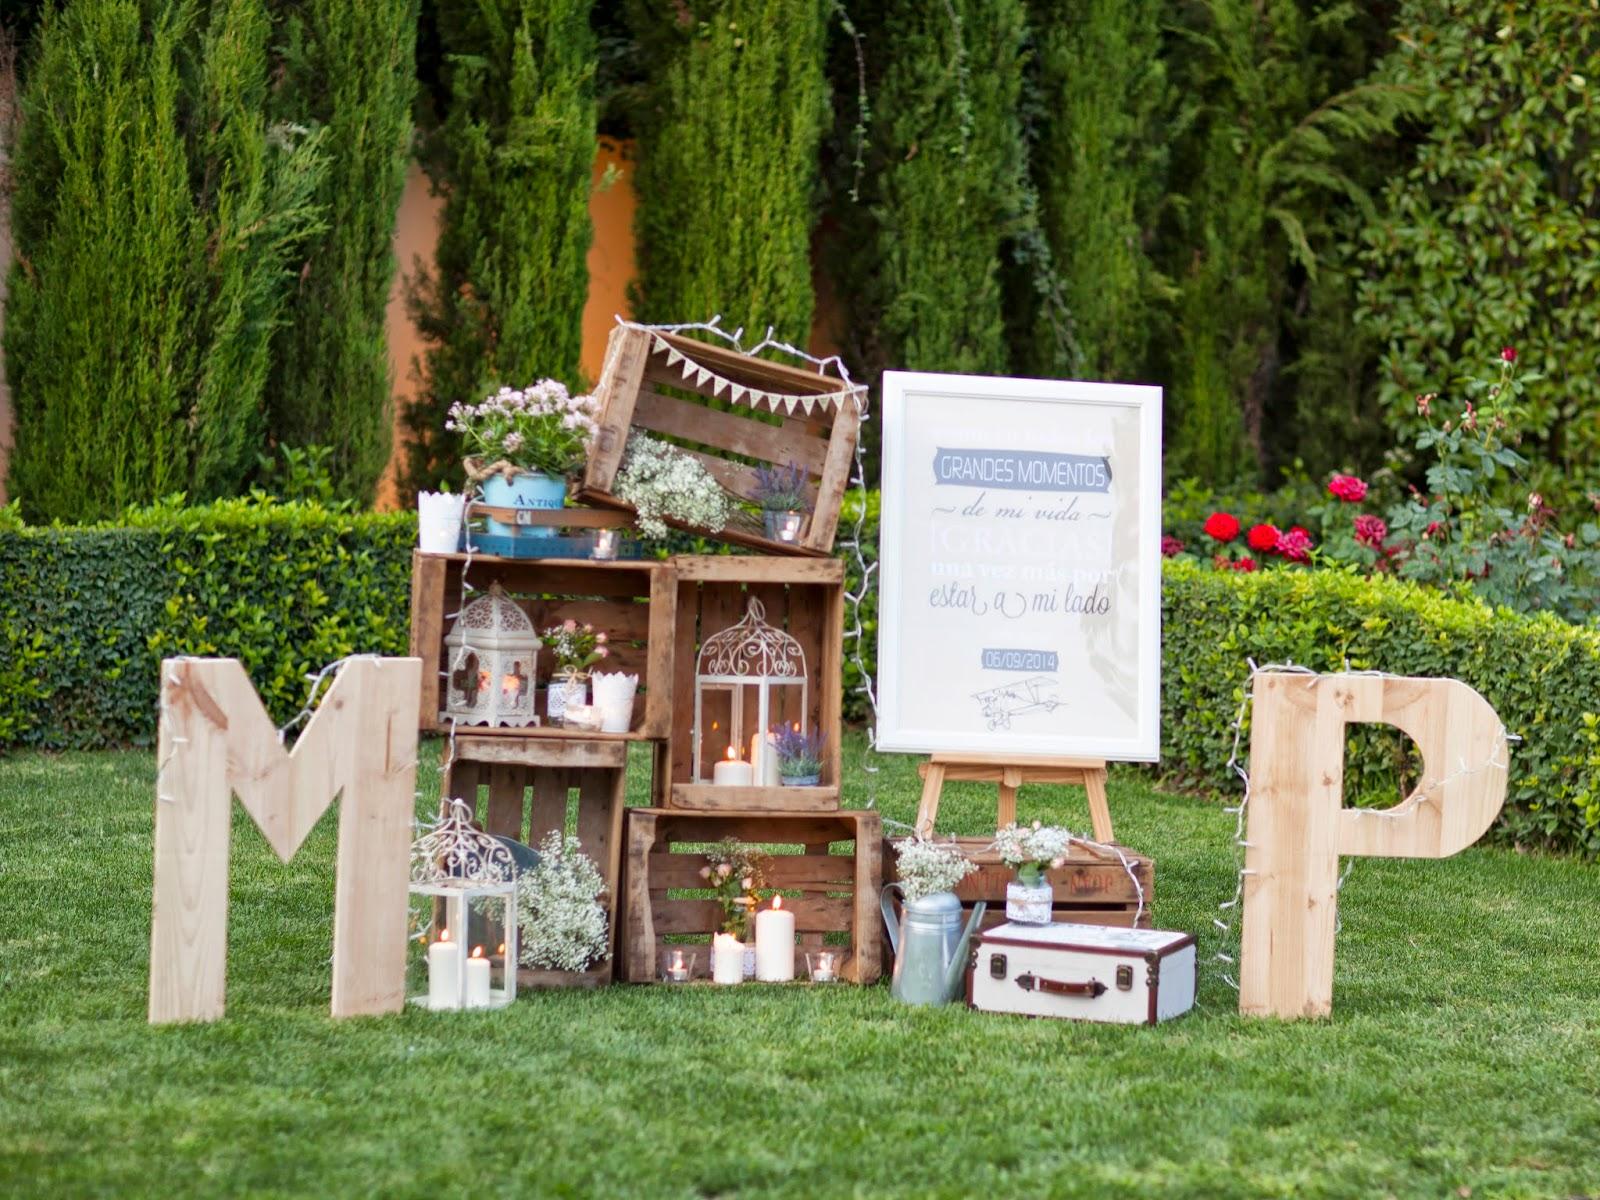 Boda bliss la boda de p m 1a parte bliss eventos - Bodas tematicas ...